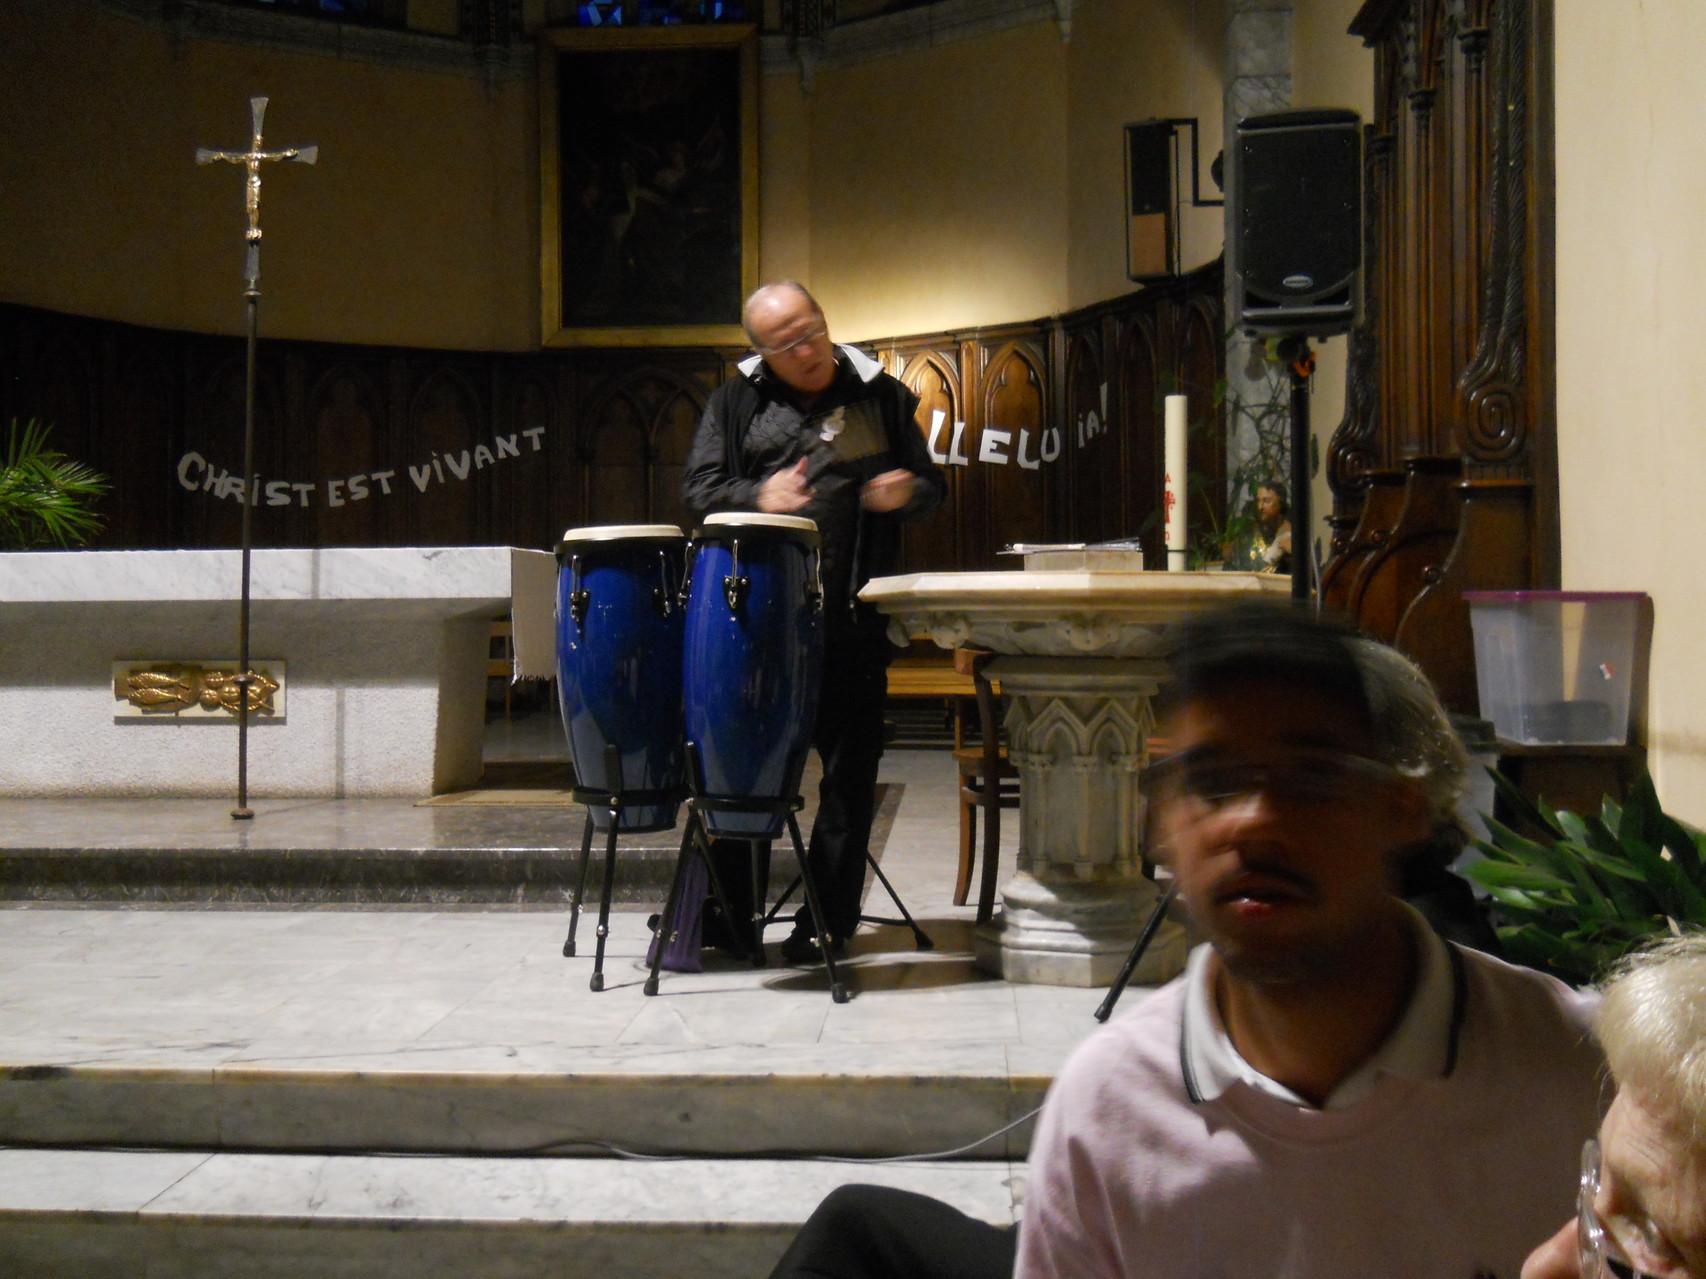 Daniel arrivé depuis peu parmi nous et ses percussions.